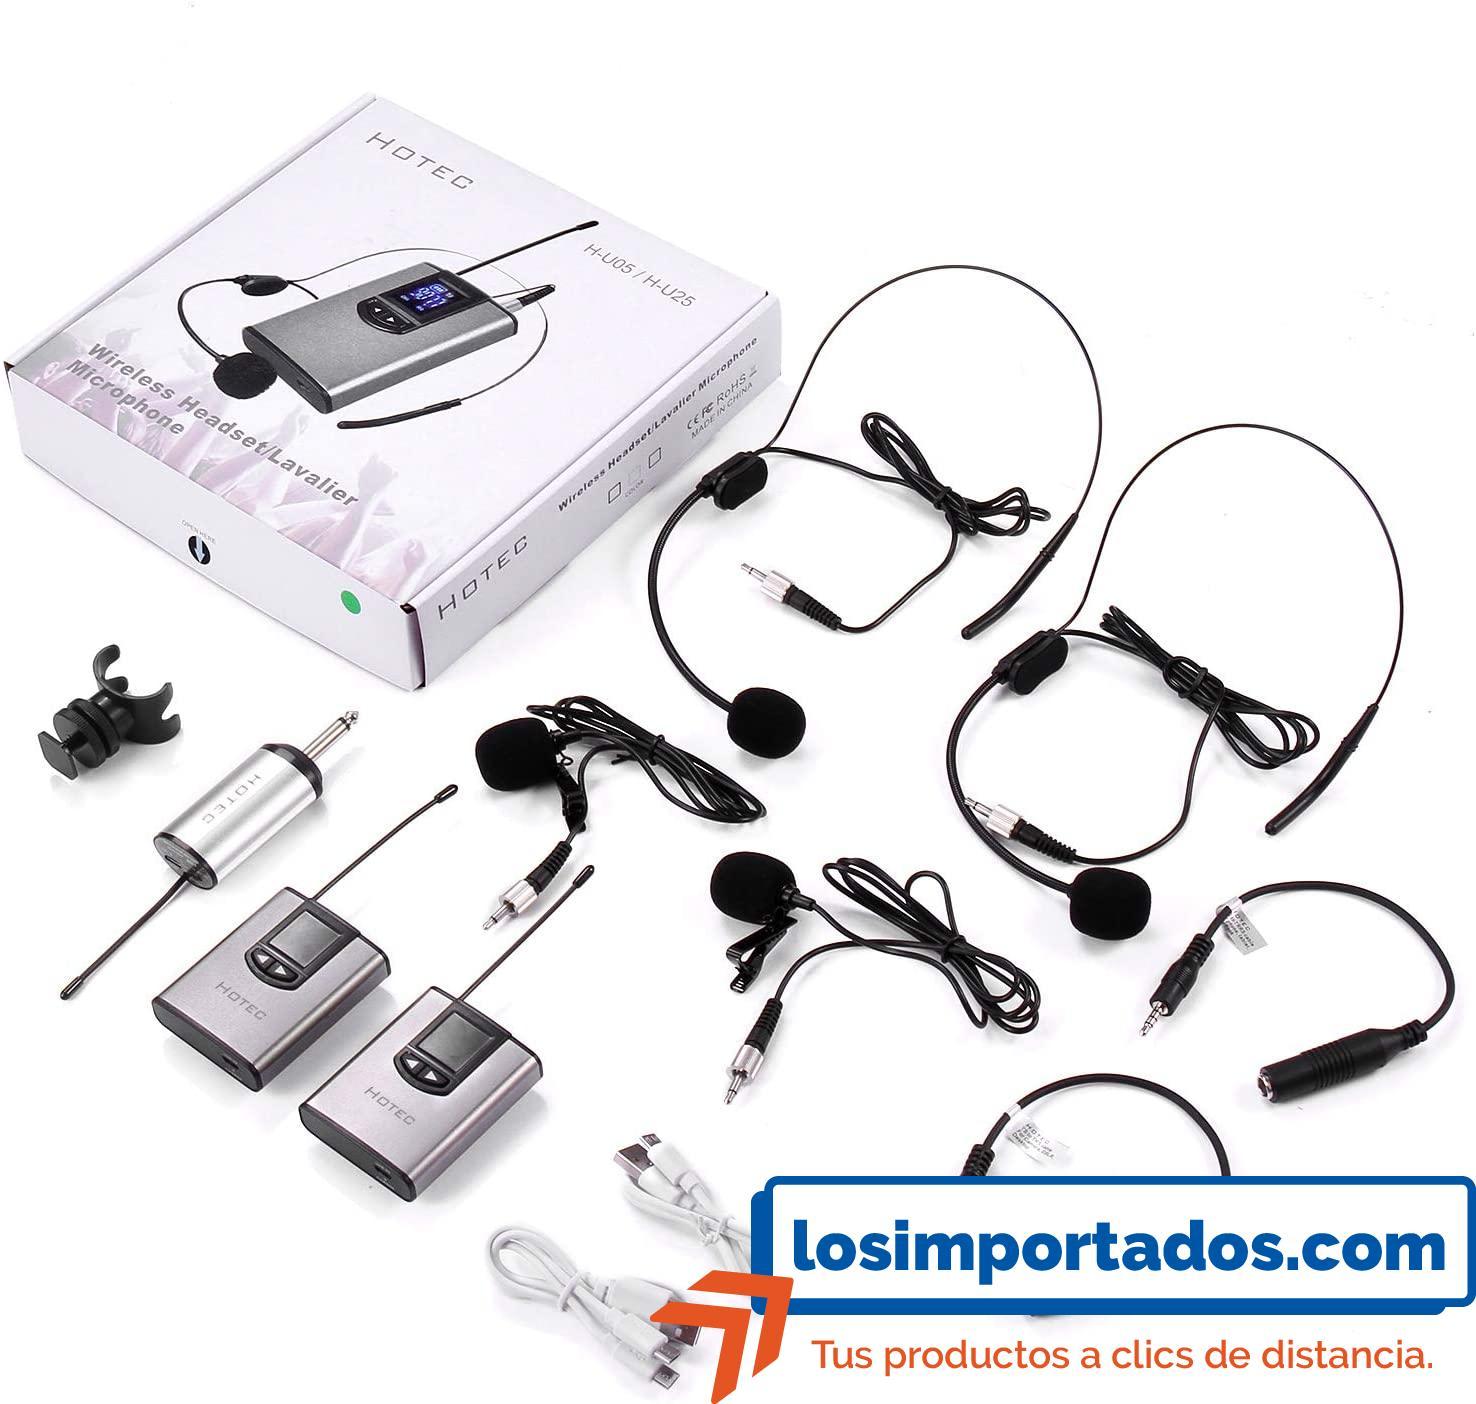 Hotec—Micrófono-de-auriculares-inalámbricos-para-grabación-y-amplificador-de-voz